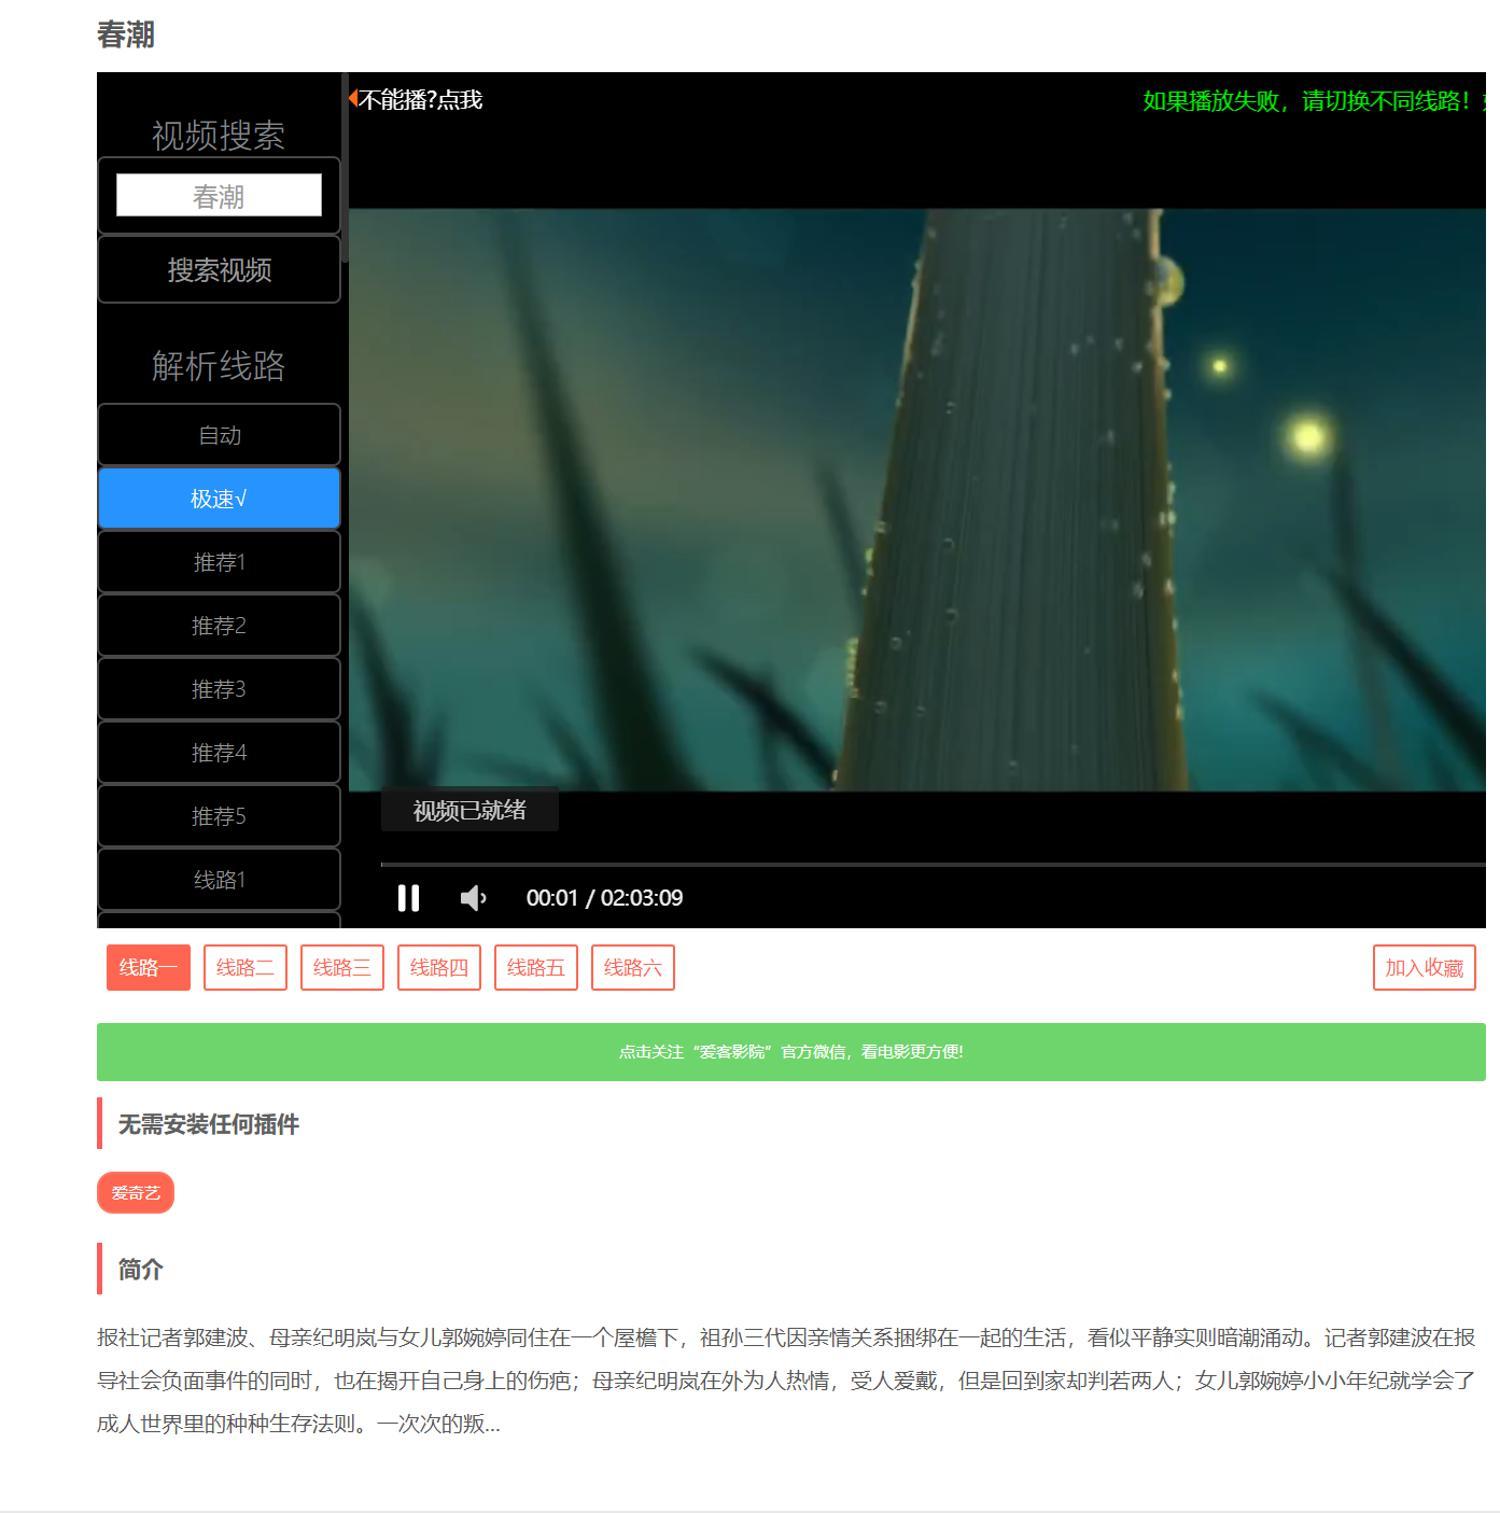 爱客影视CMS米酷优化版 修复采集功能 第3张